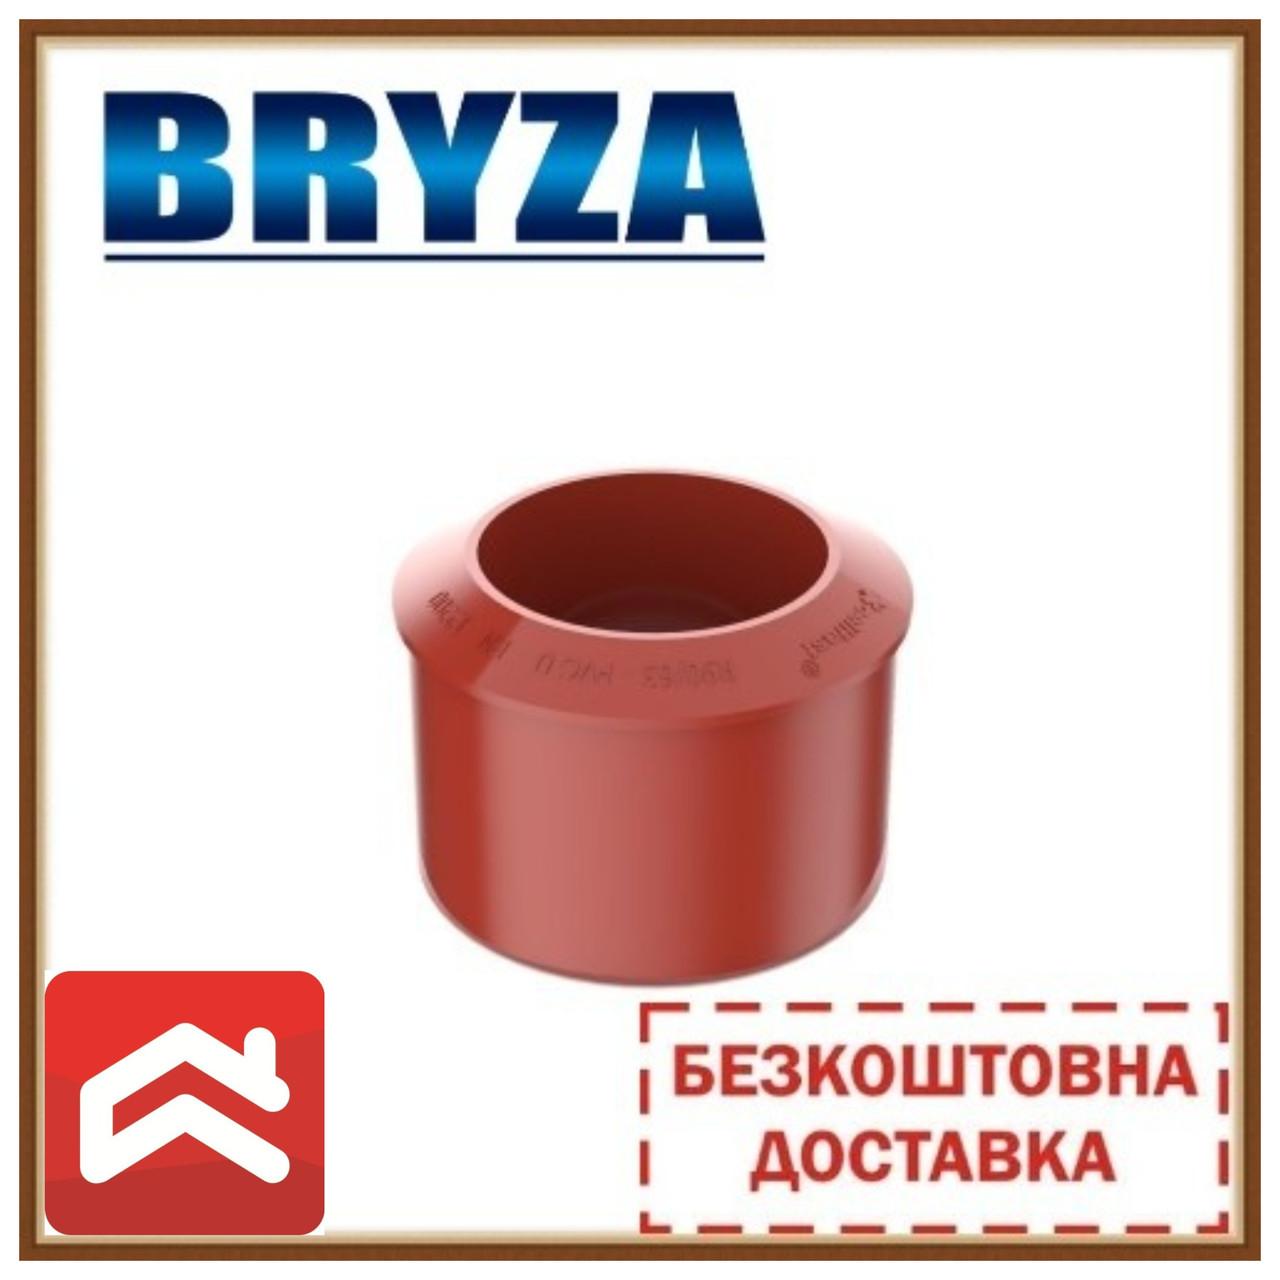 Безкоштовна доставка! Перехідник труби BRYZA 90/110 мм